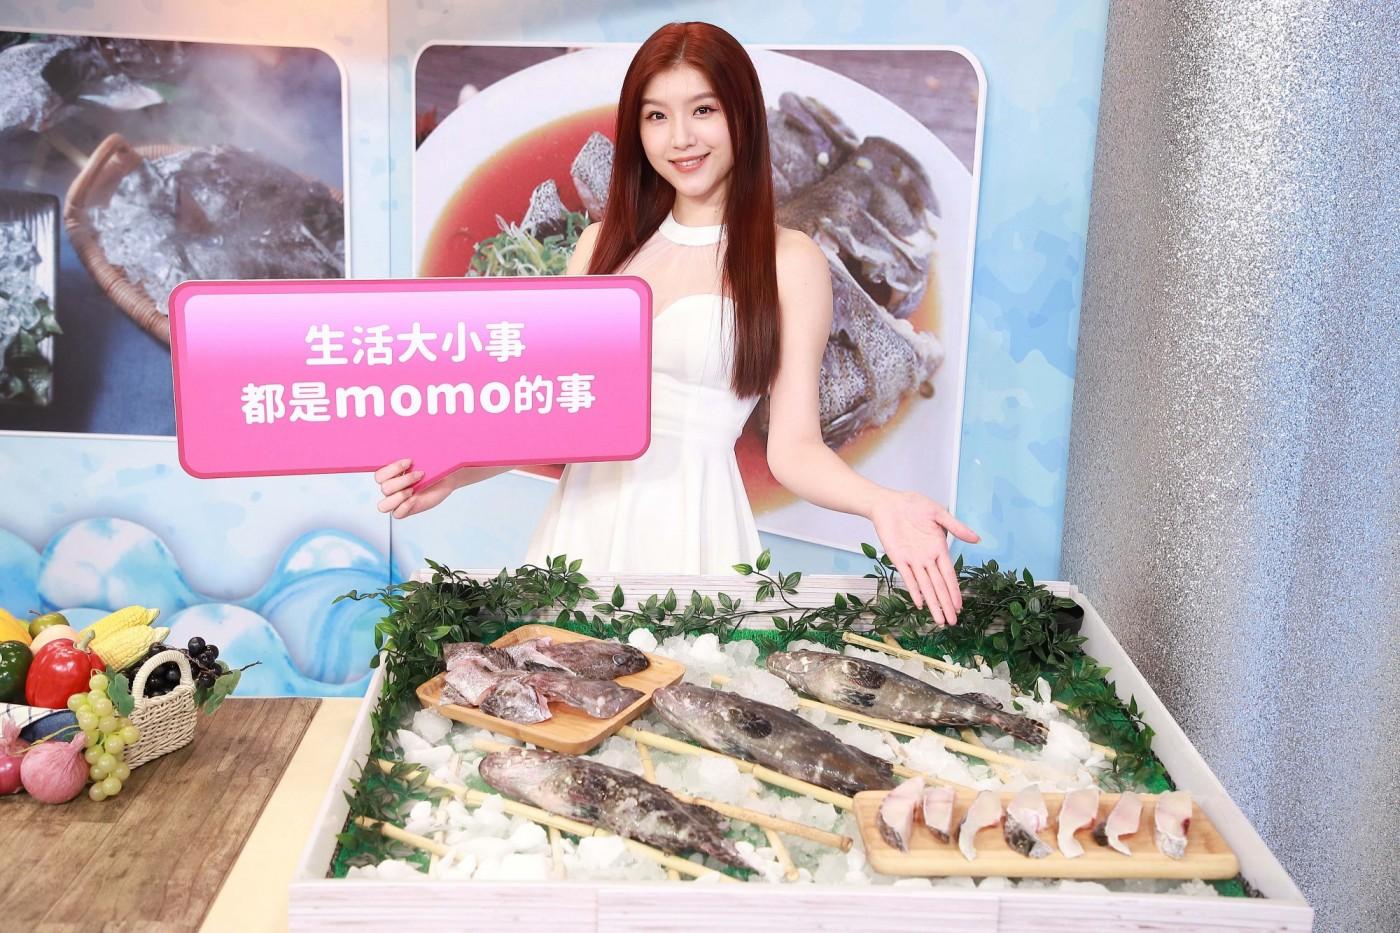 momo網購生鮮、線上保險跑起來,總經理谷元宏透露下半年3大營運要點